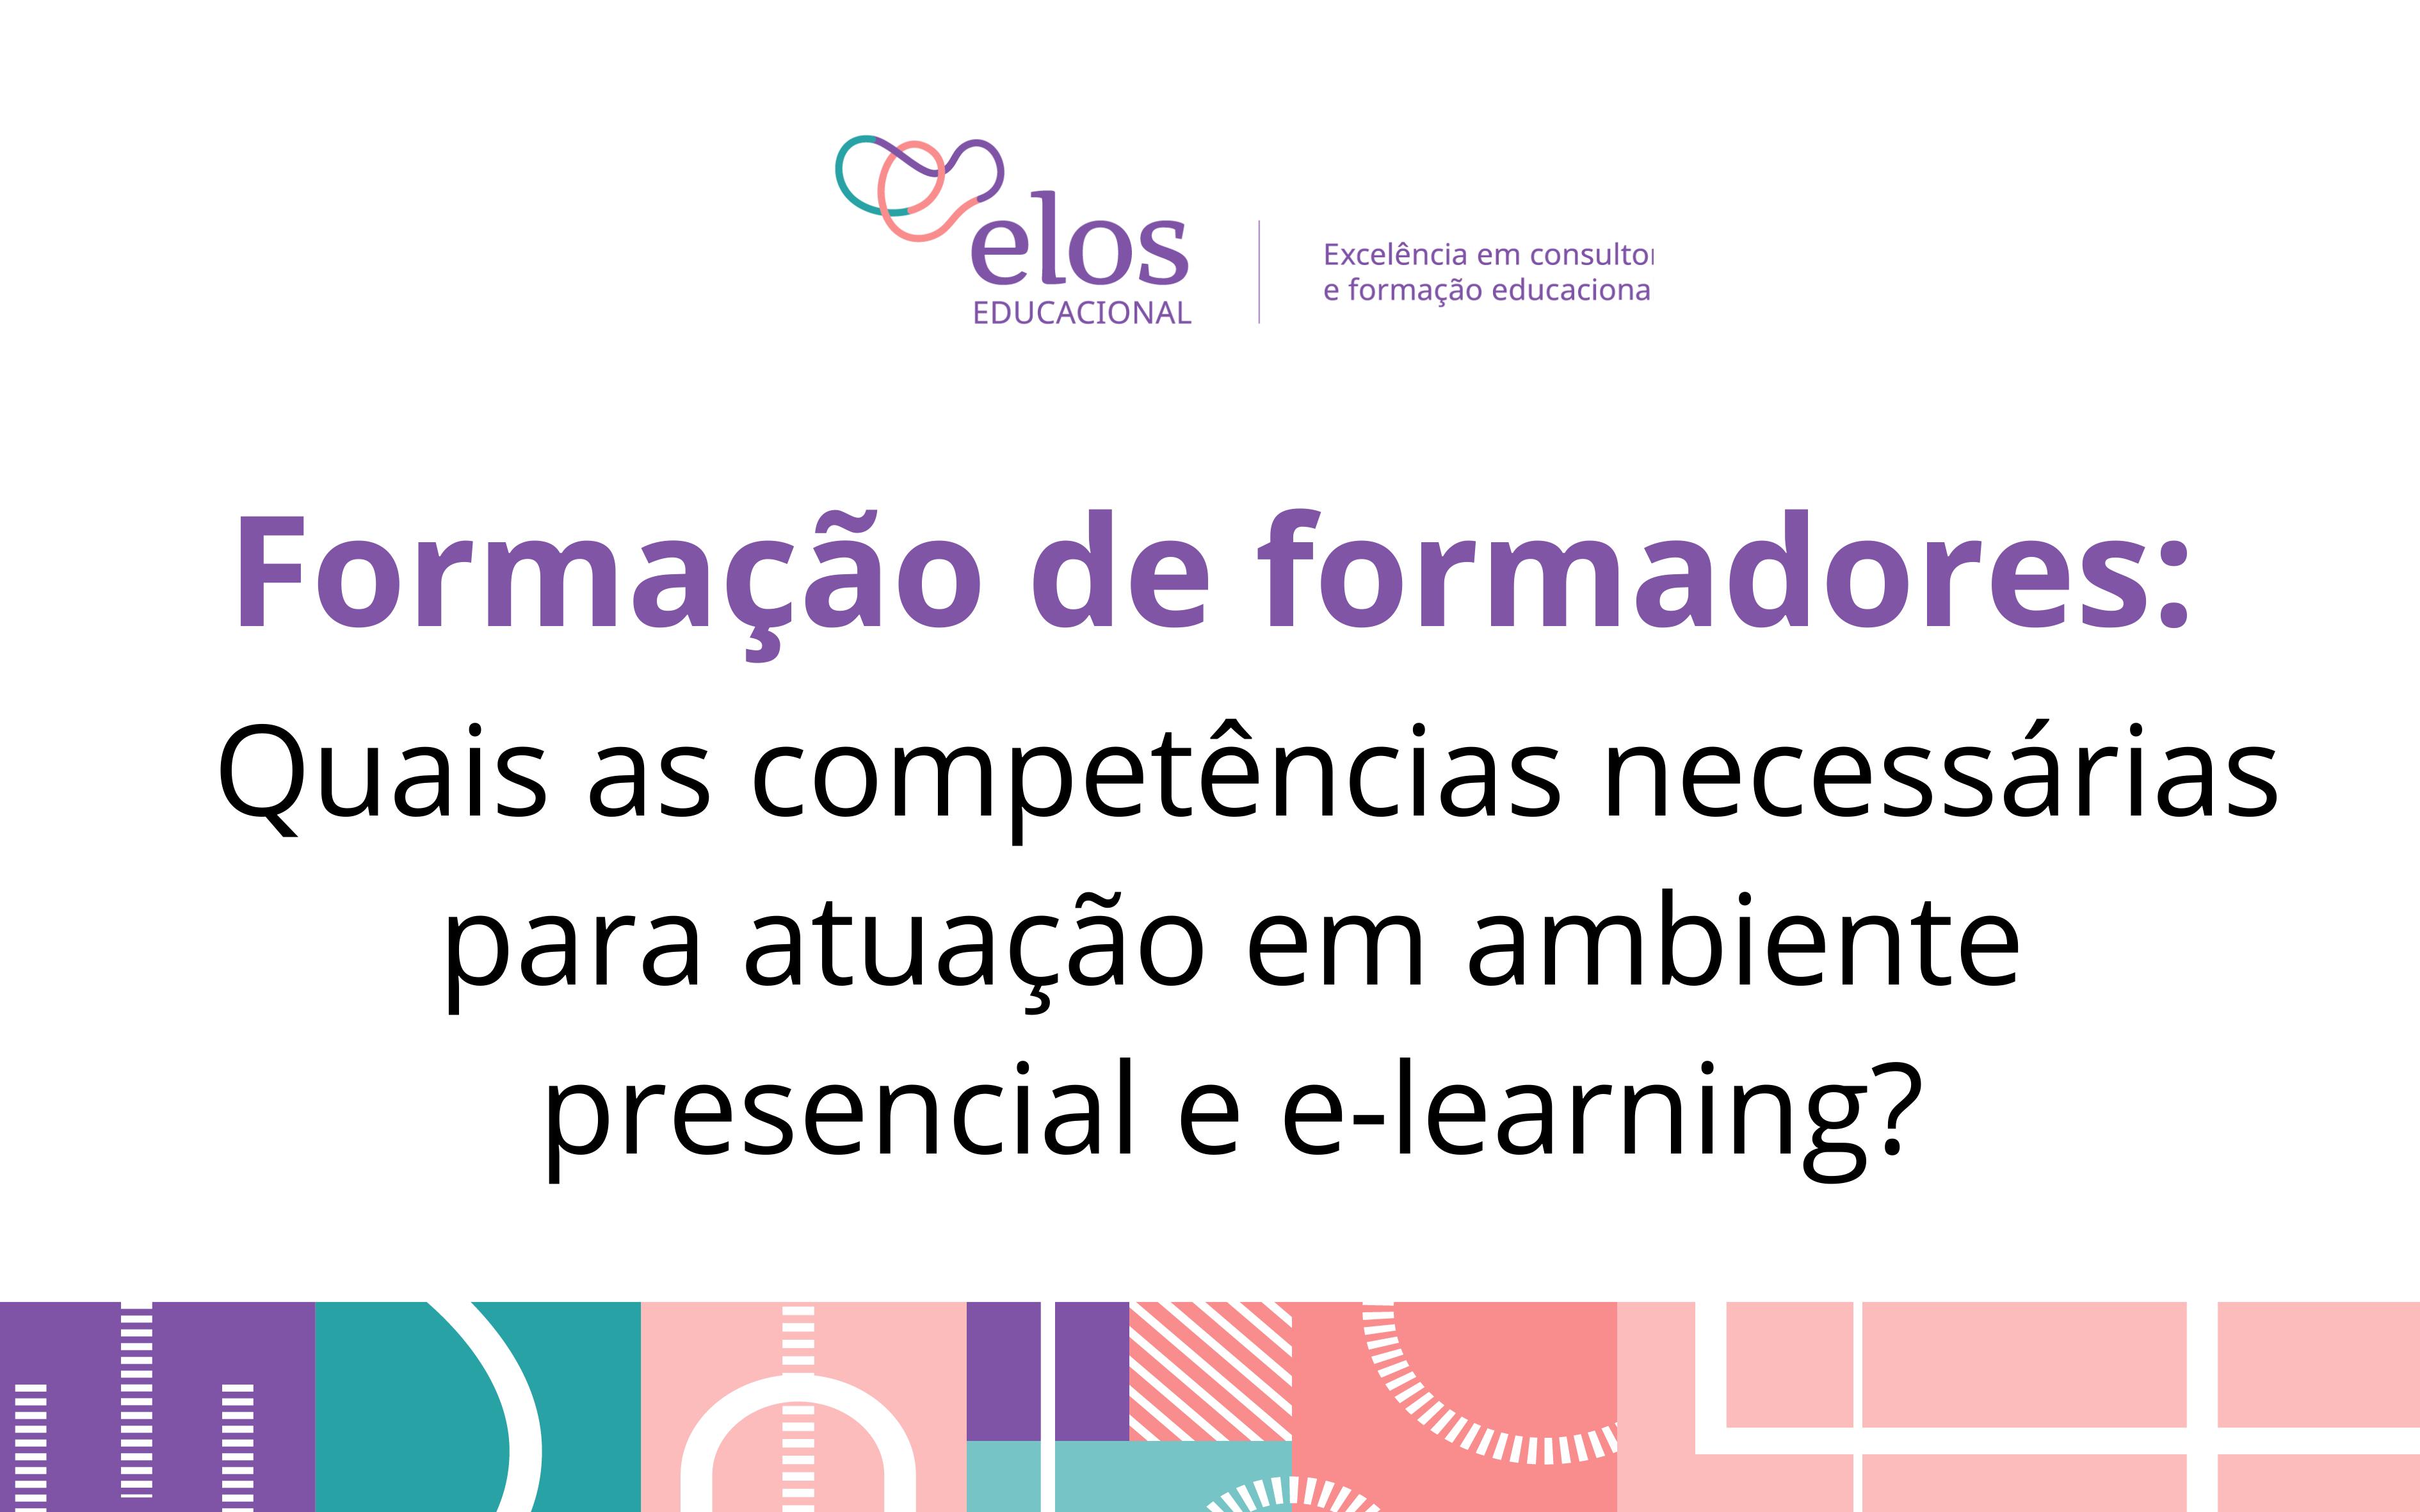 Formação de Formadores: quais as competências necessárias para atuação em ambiente presencial e e-learning?